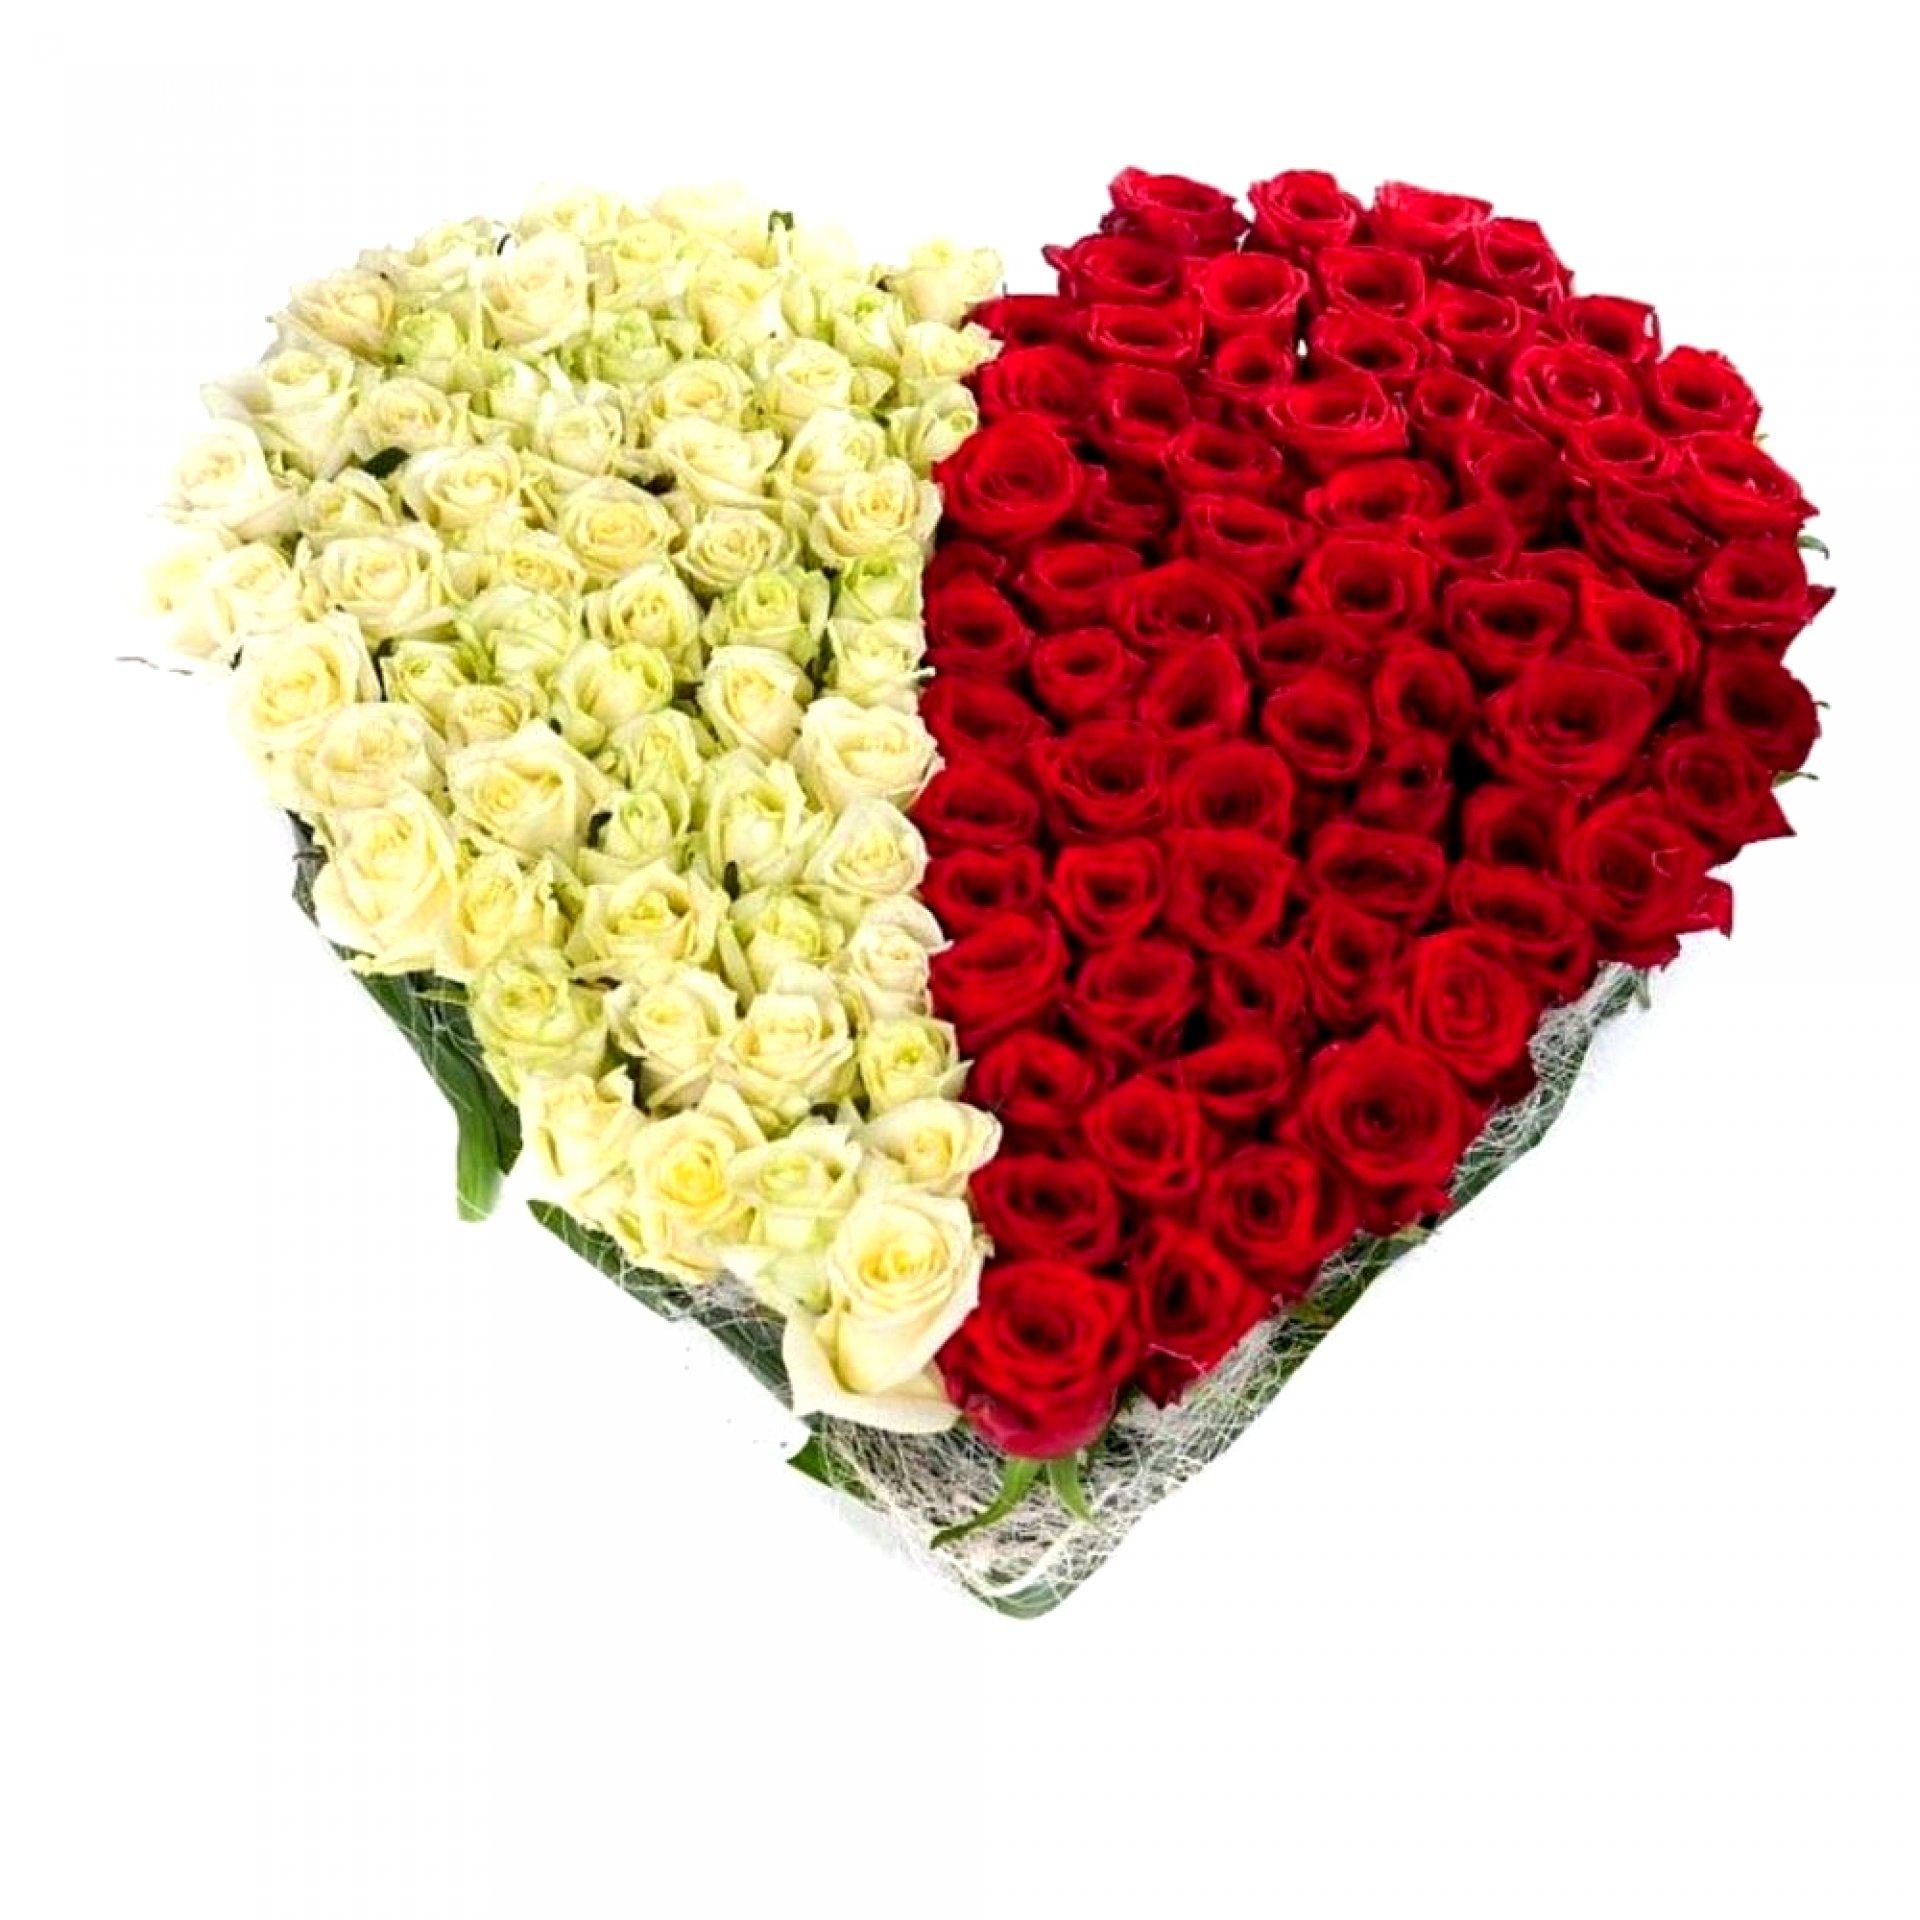 Сердце из красных и белых роз (51 шт)